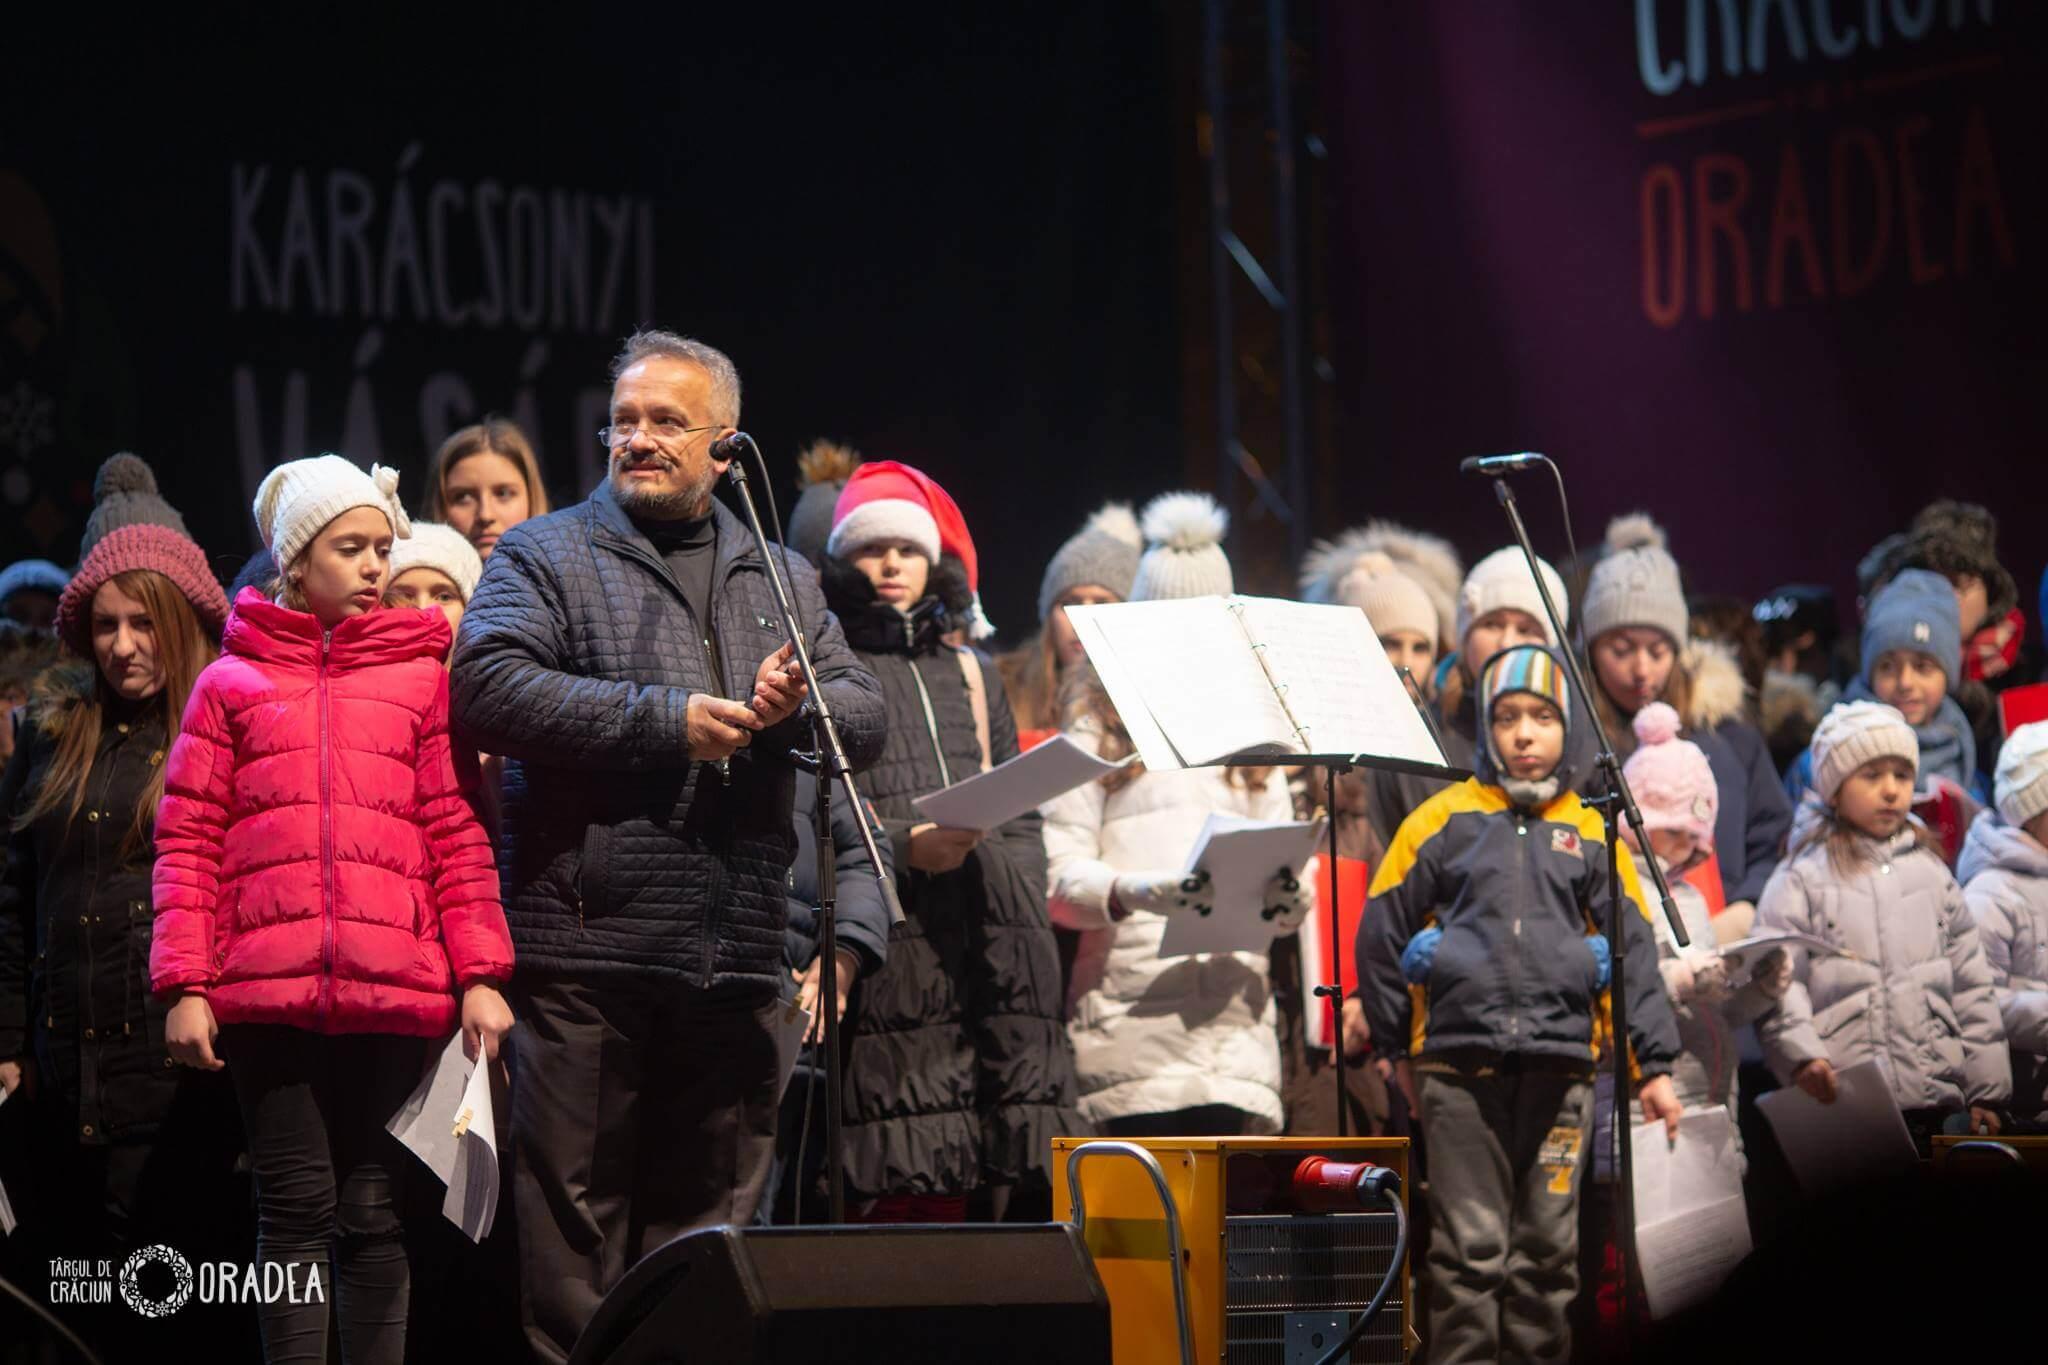 targul-de-craciun-oradea-2018-47